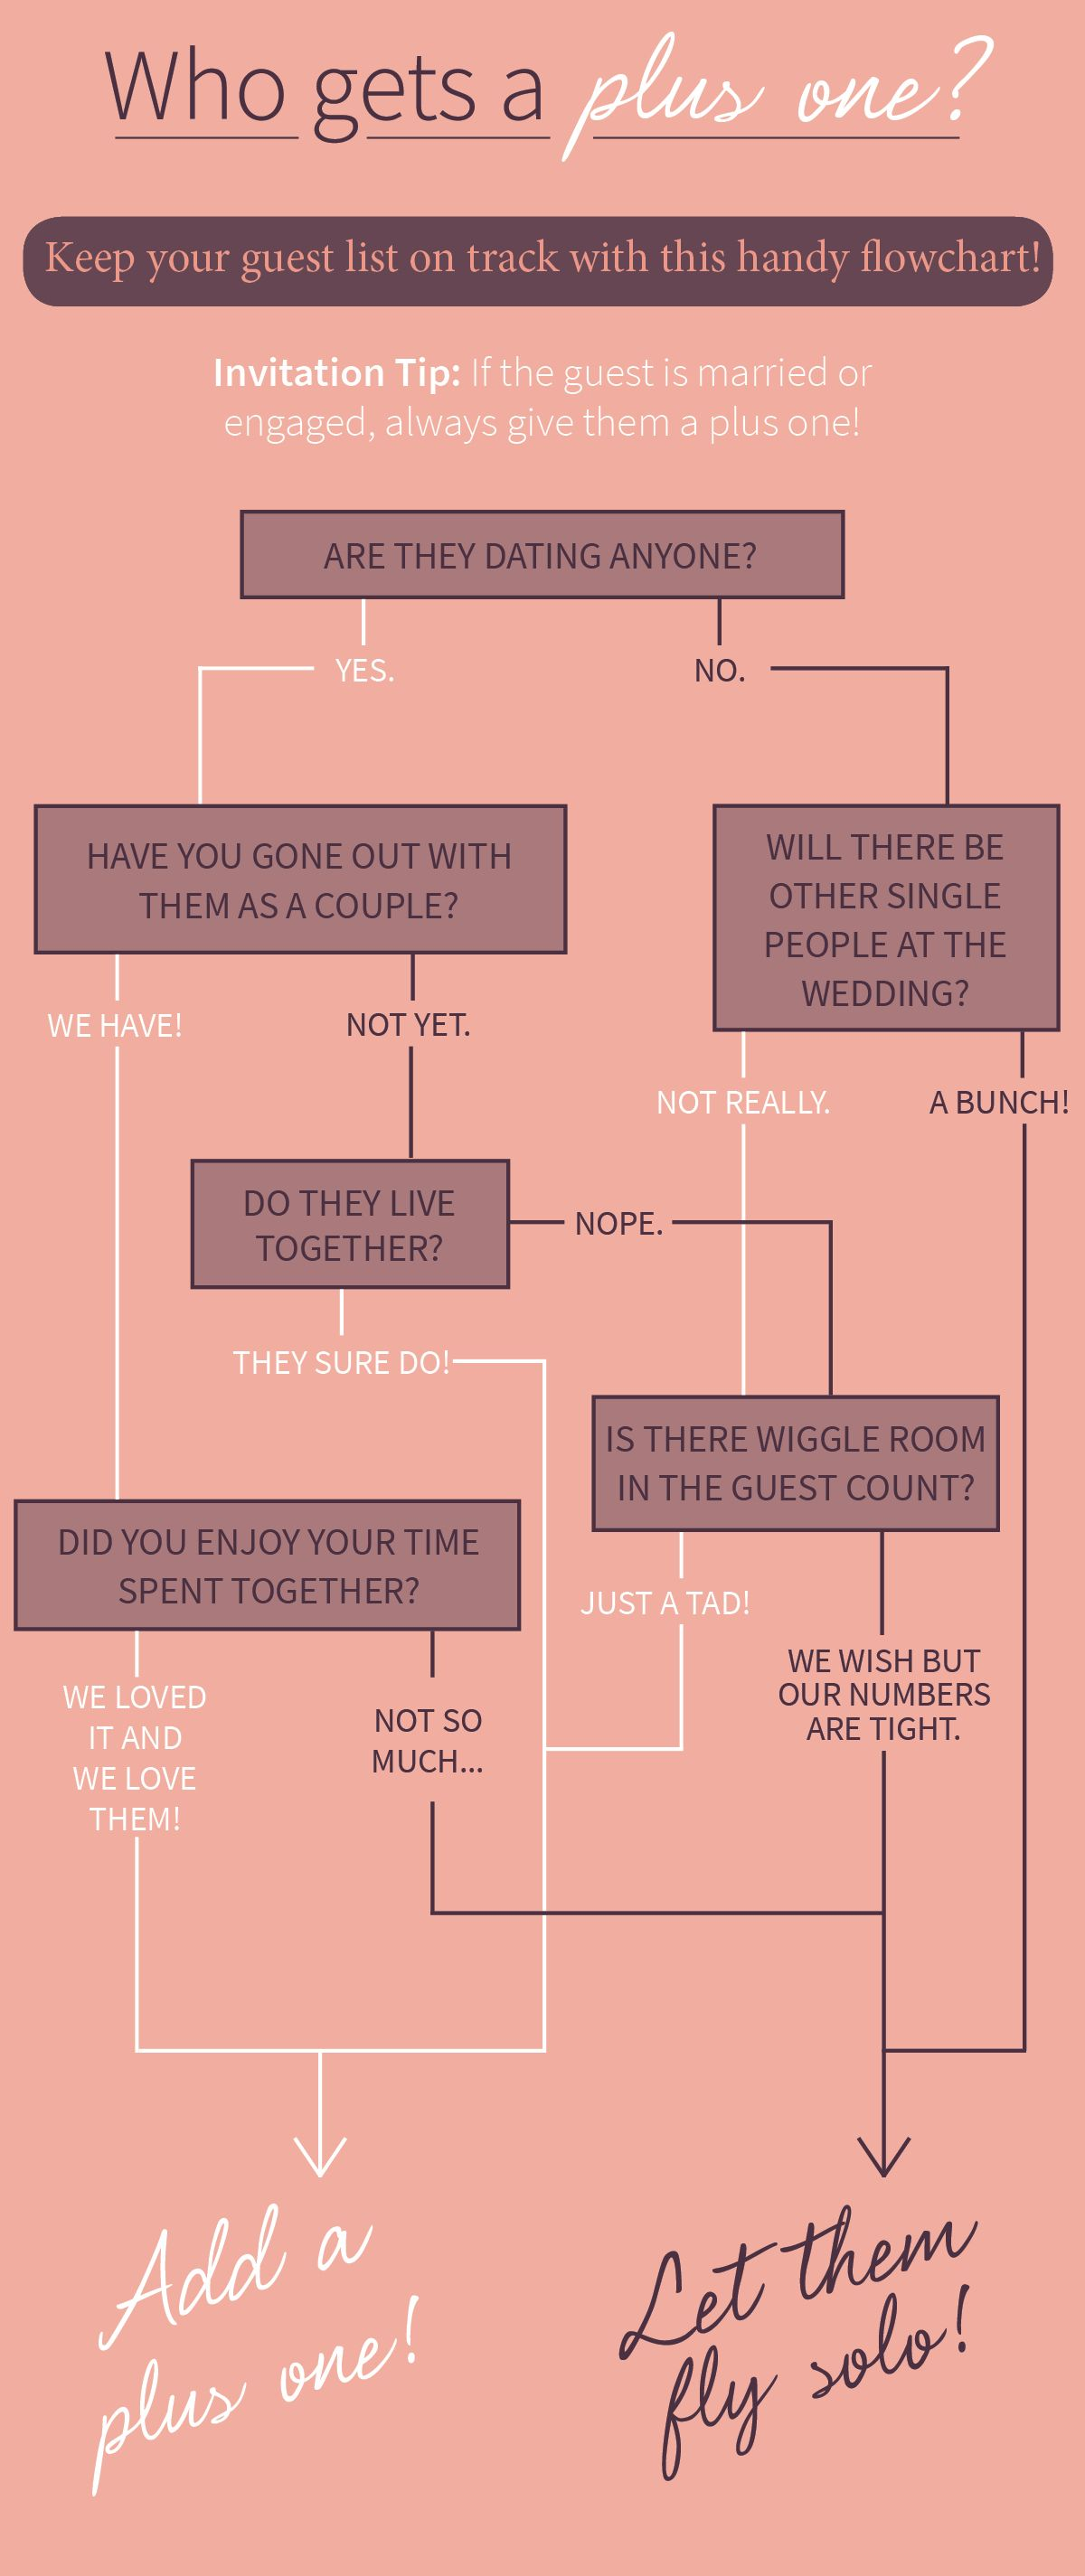 Who gets a plusone? Wedding Planning Tips Wedding